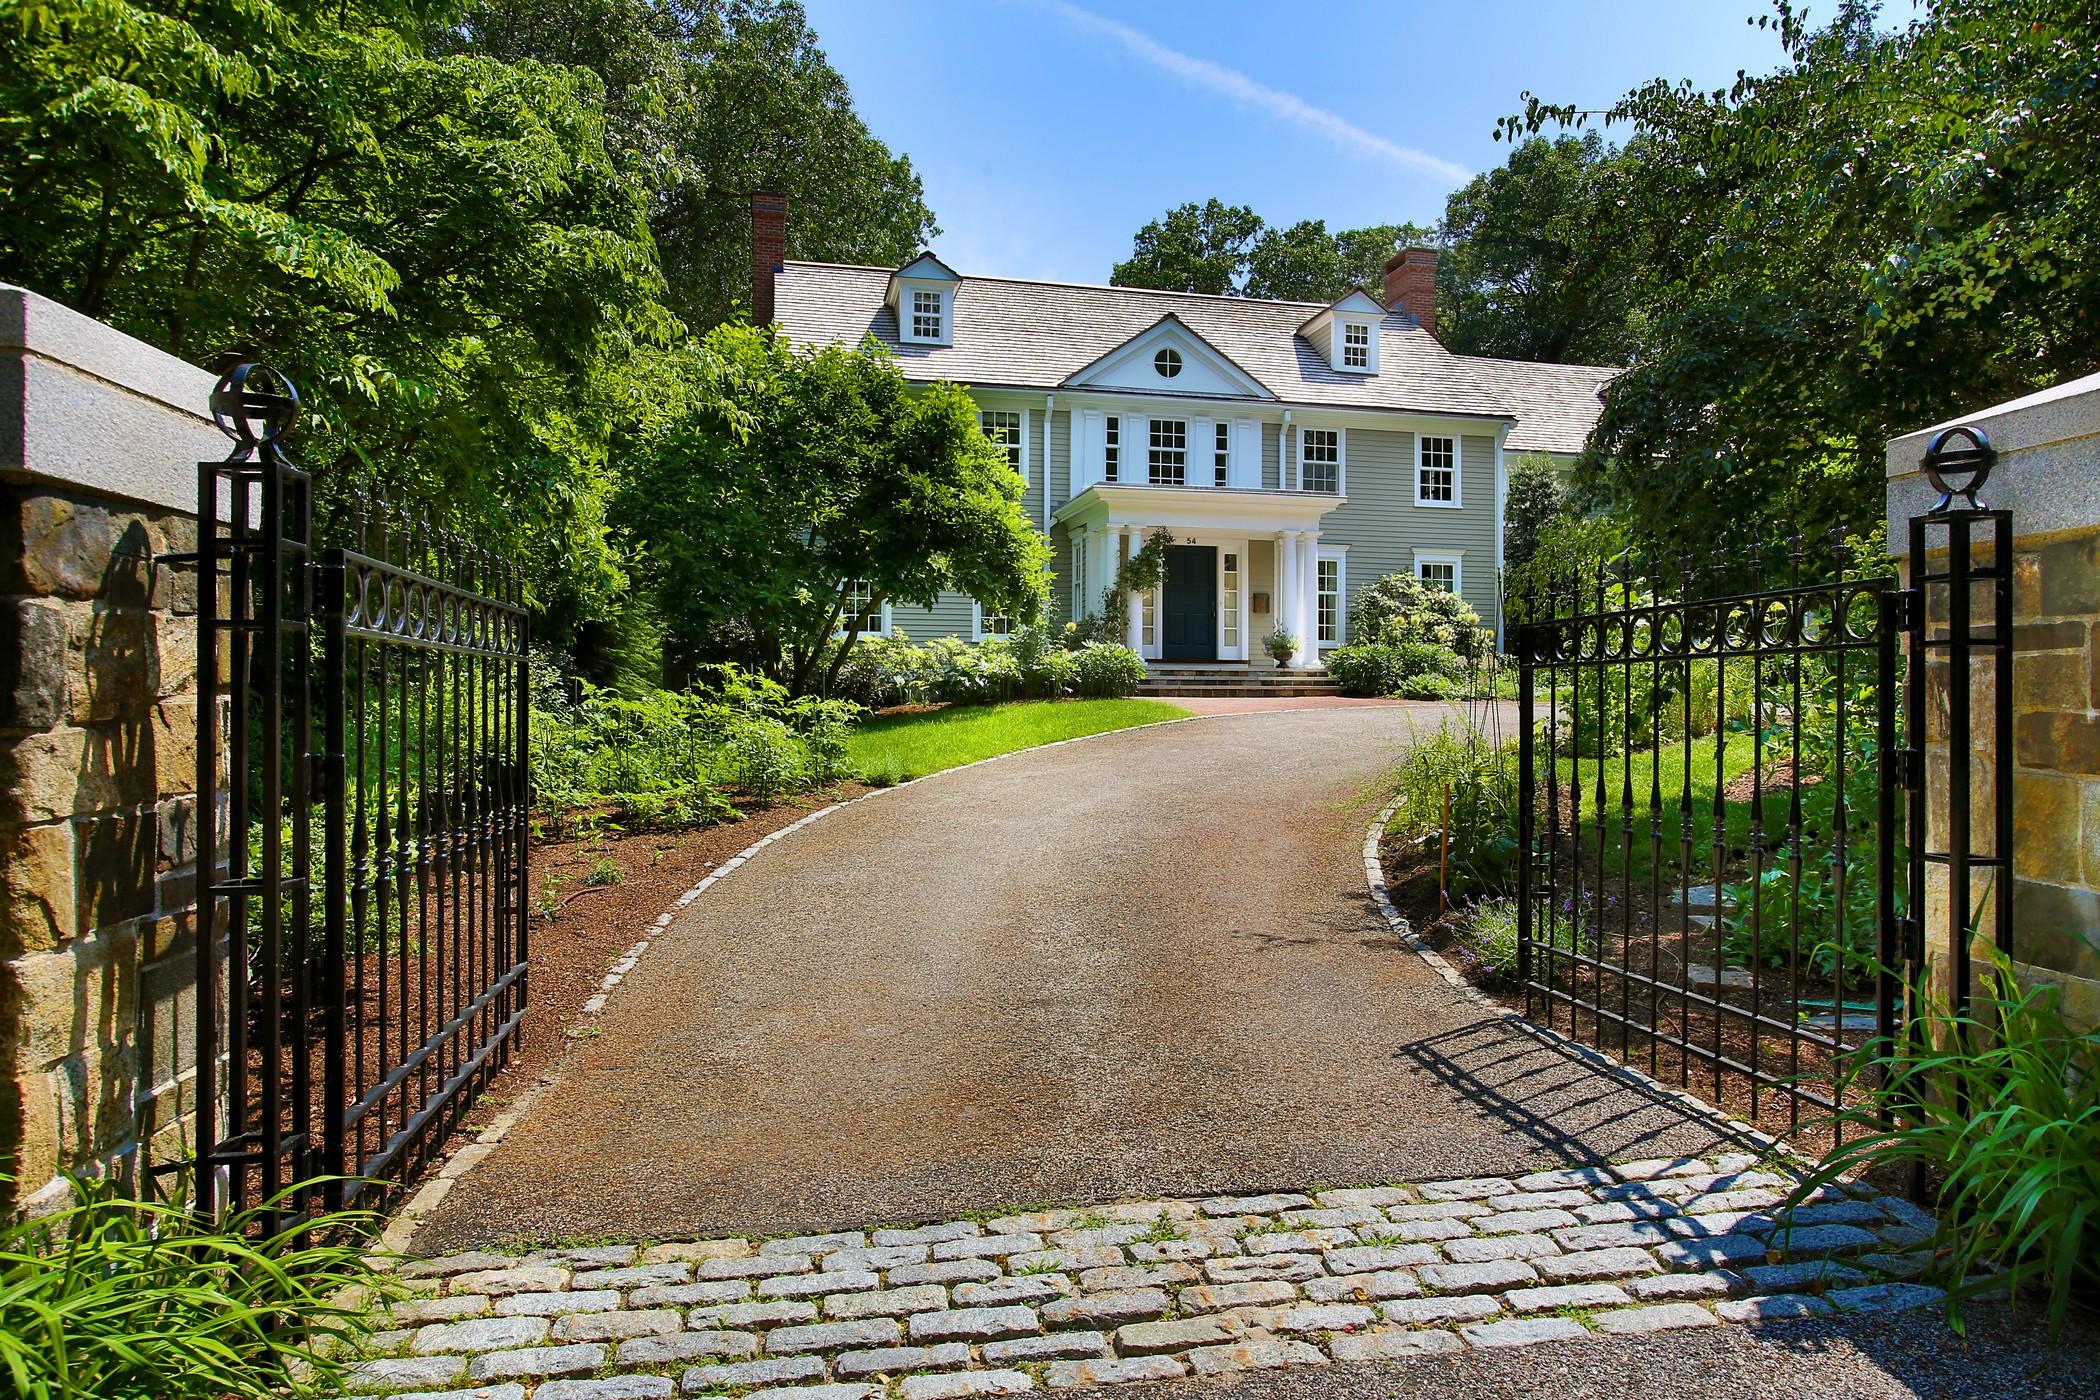 Частный односемейный дом для того Продажа на Estate Minutes from Downtown Boston 54 Myopia Rd Winchester, Массачусетс, 01890 Соединенные Штаты